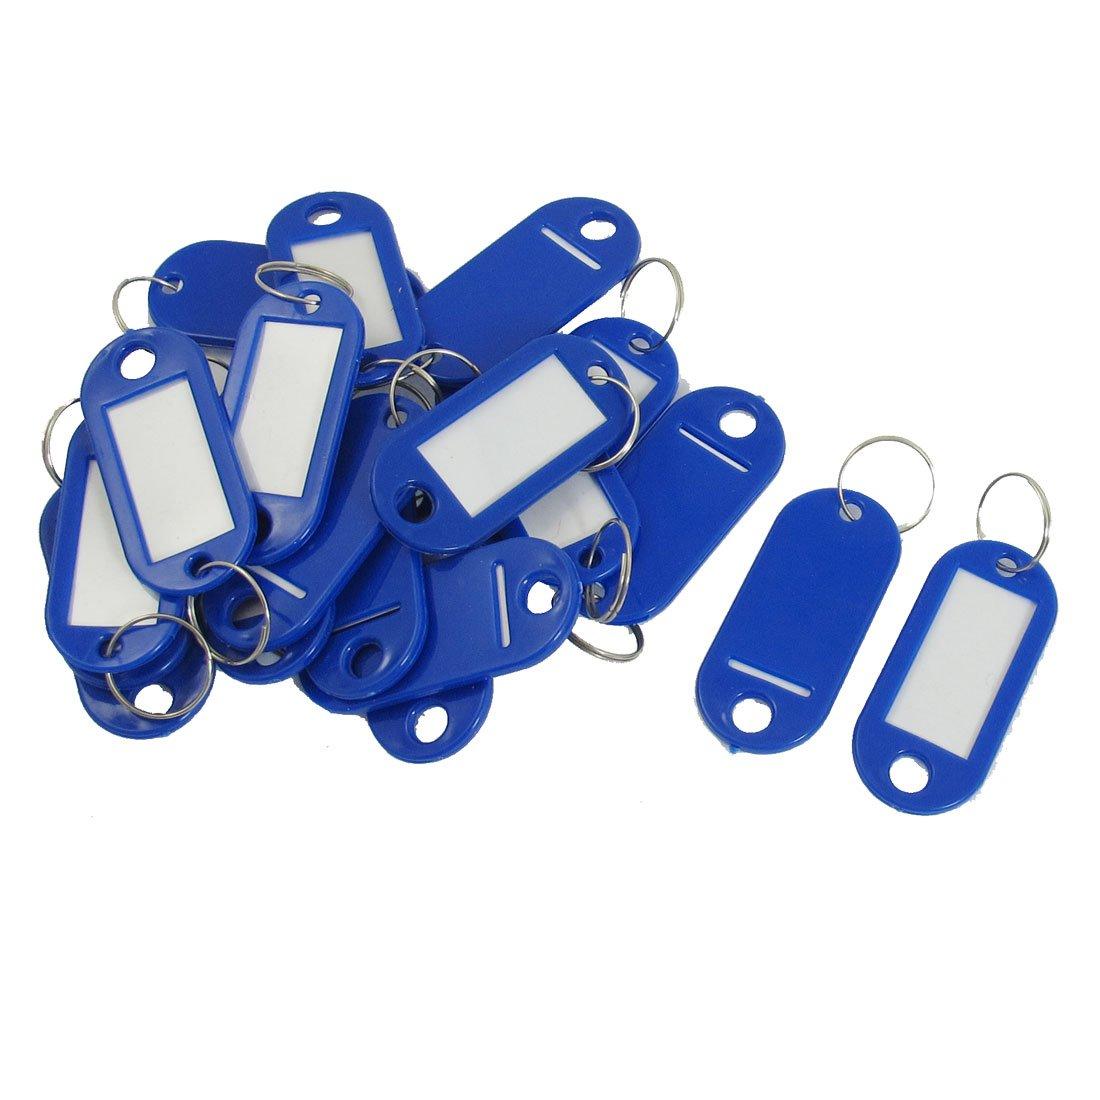 20 шт., Брелоки для ключей, бирок для ключей, кольцо для ключей, голубой брелок для ключей